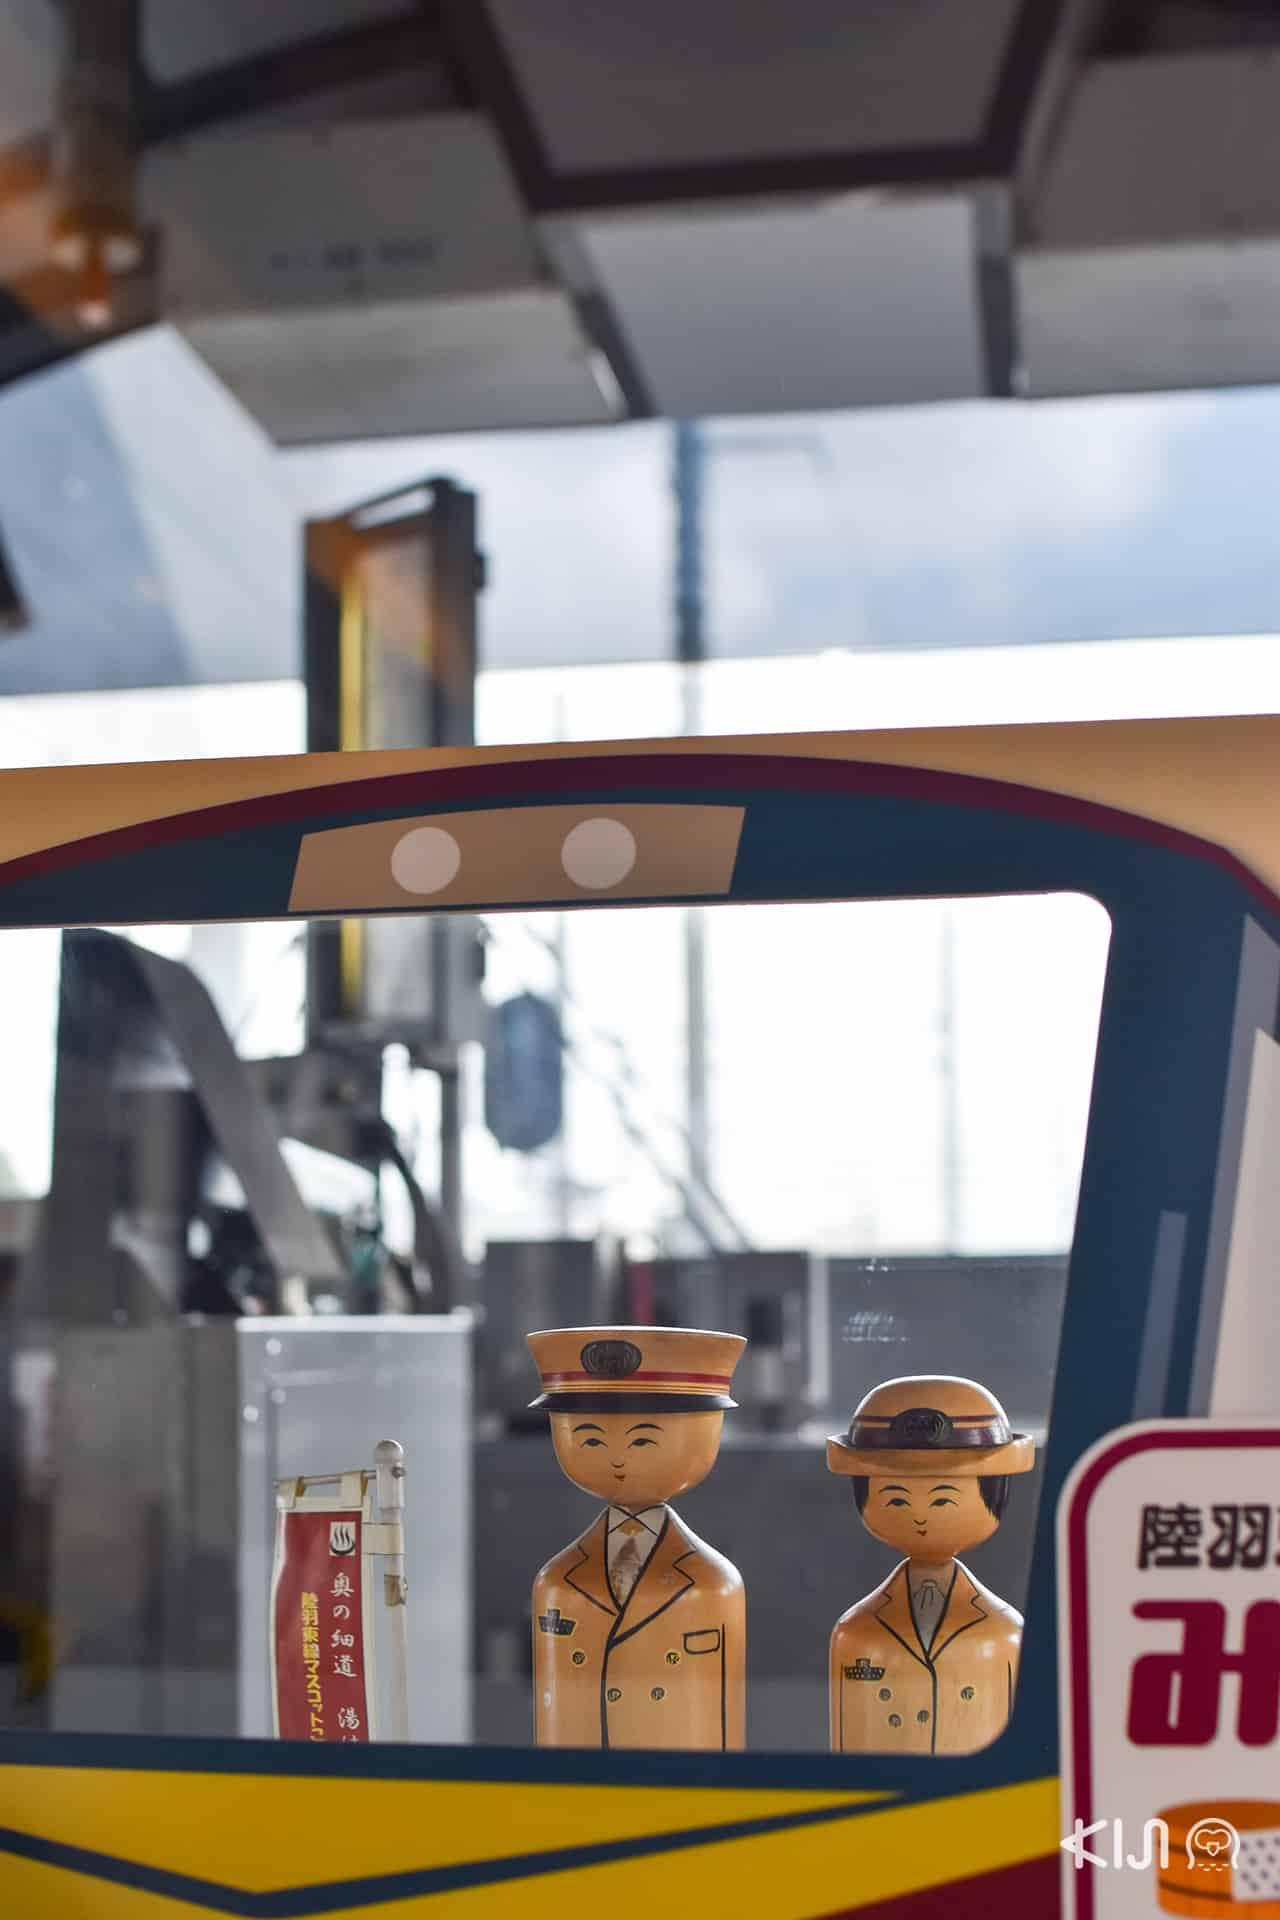 ของตกแต่งบนรถไฟ Resort Shirakami Buna